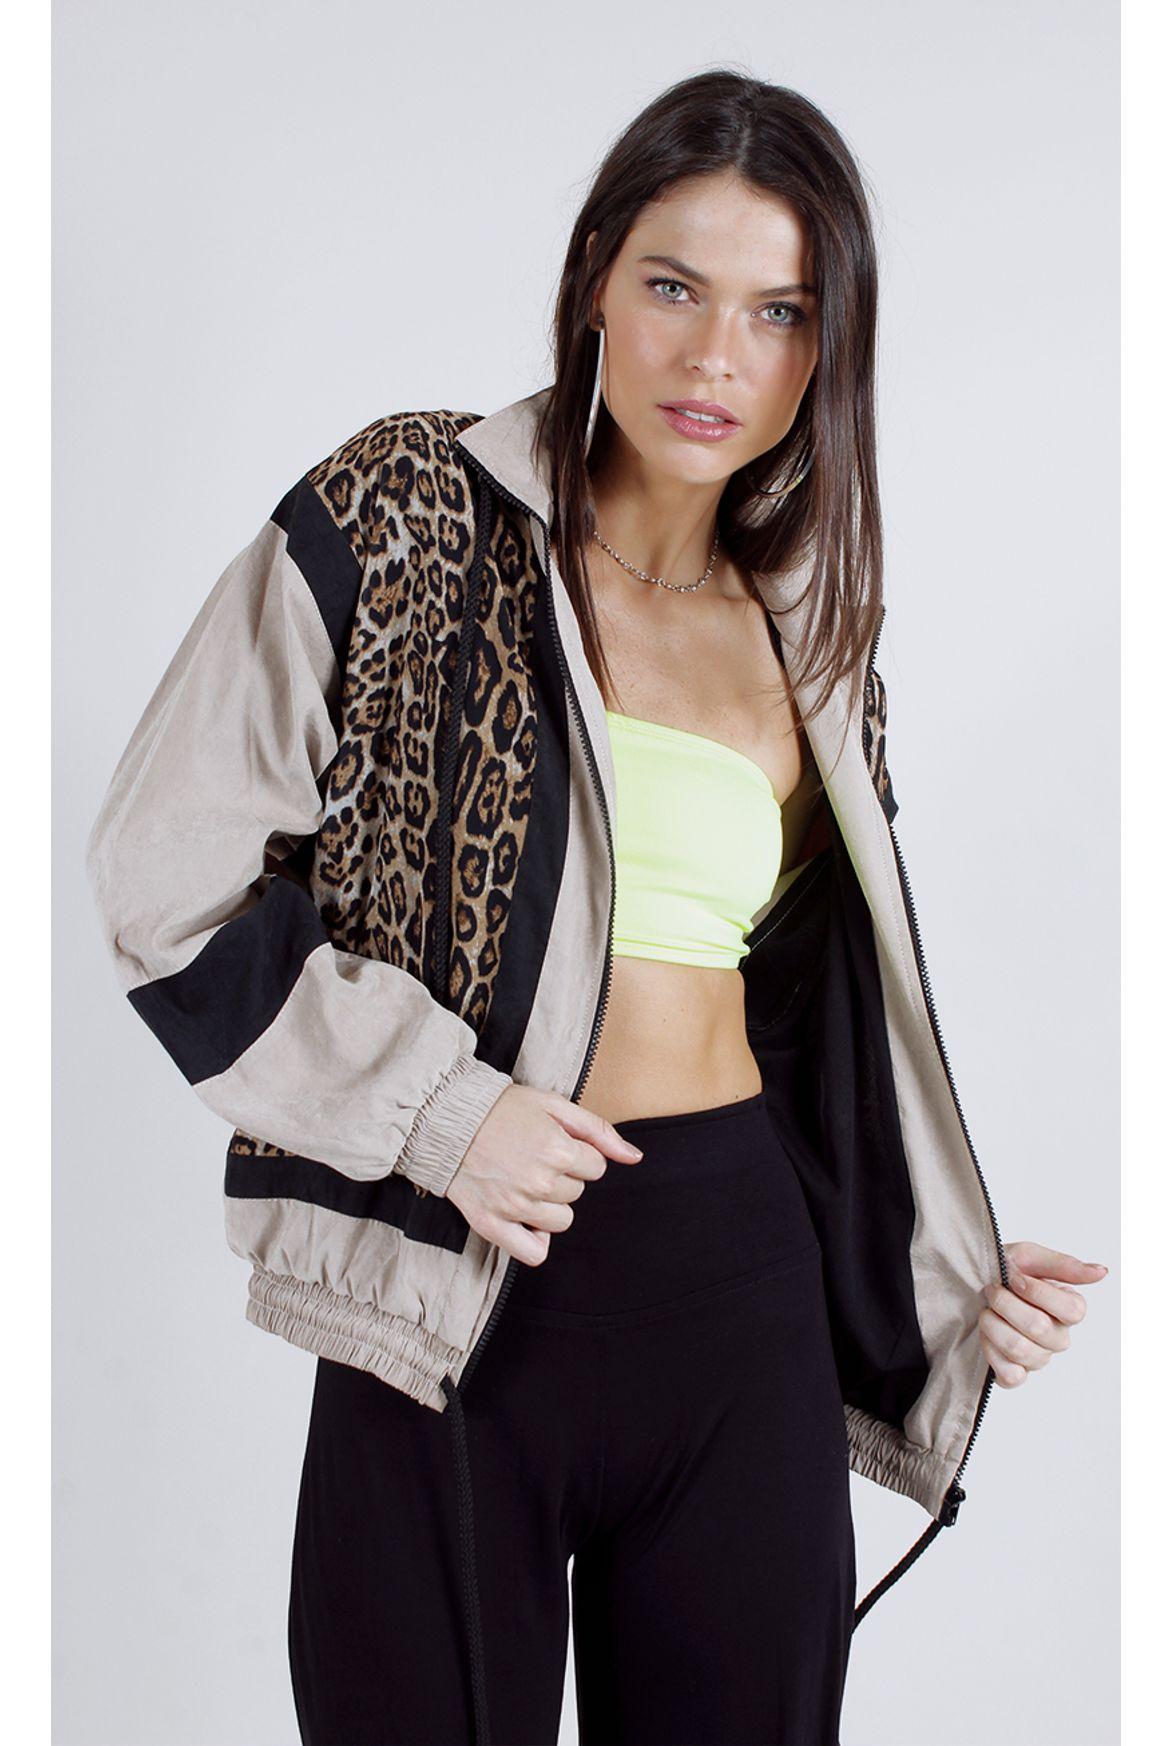 d00730f322 FSHN - jaqueta bomber onça w  recortes nude - Fashion Closet